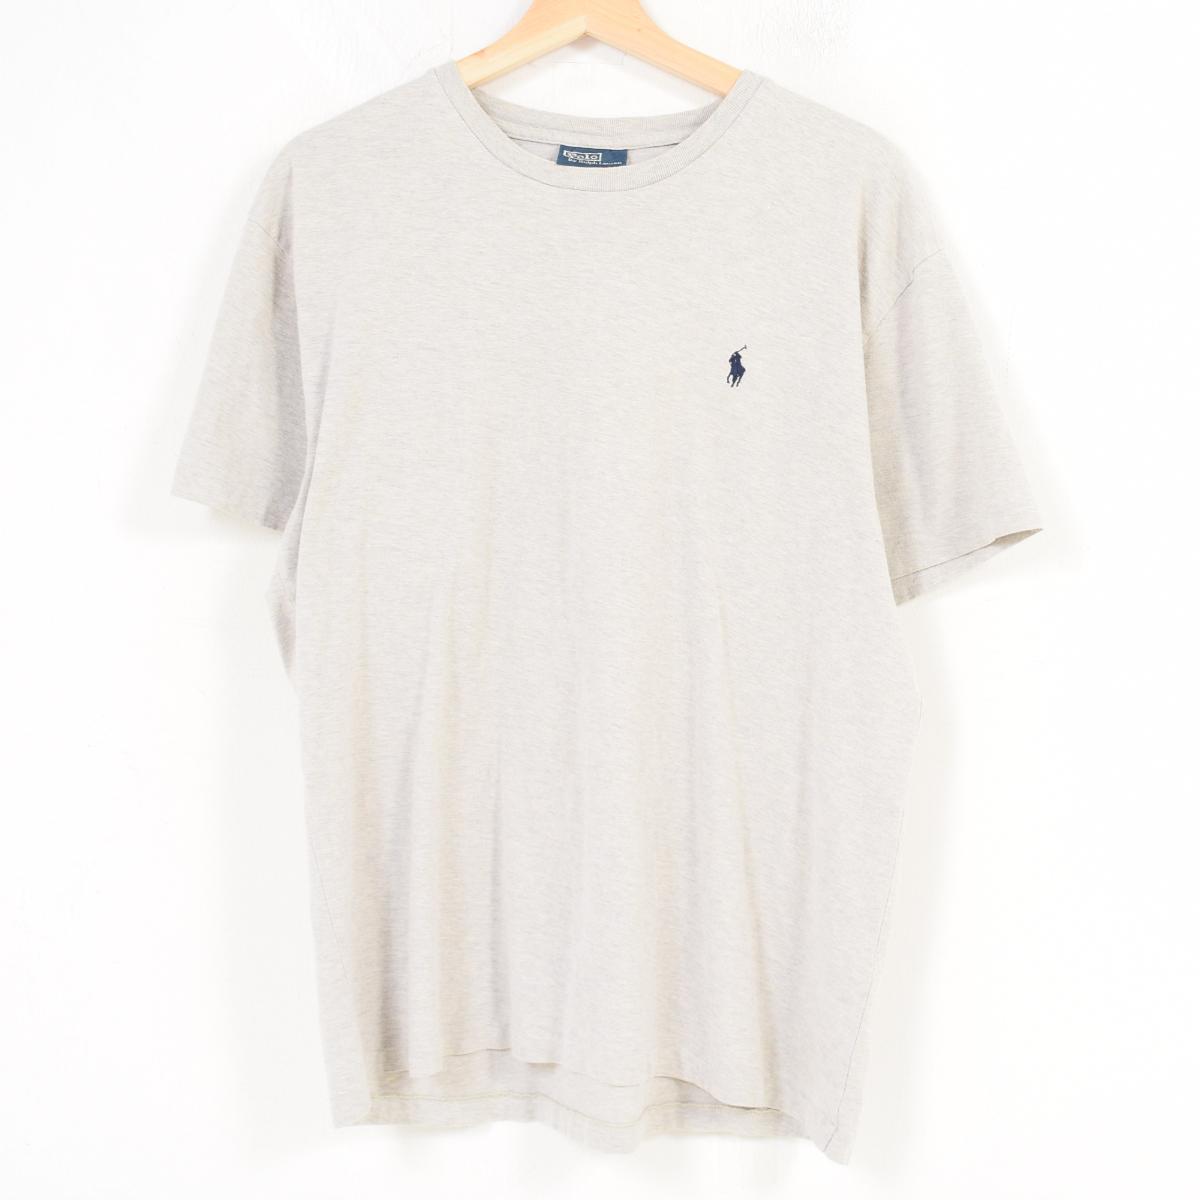 bc667da3531c44 Ralph Lauren Ralph Lauren POLO by Ralph Lauren one point logo T-shirt men L  /wau5689